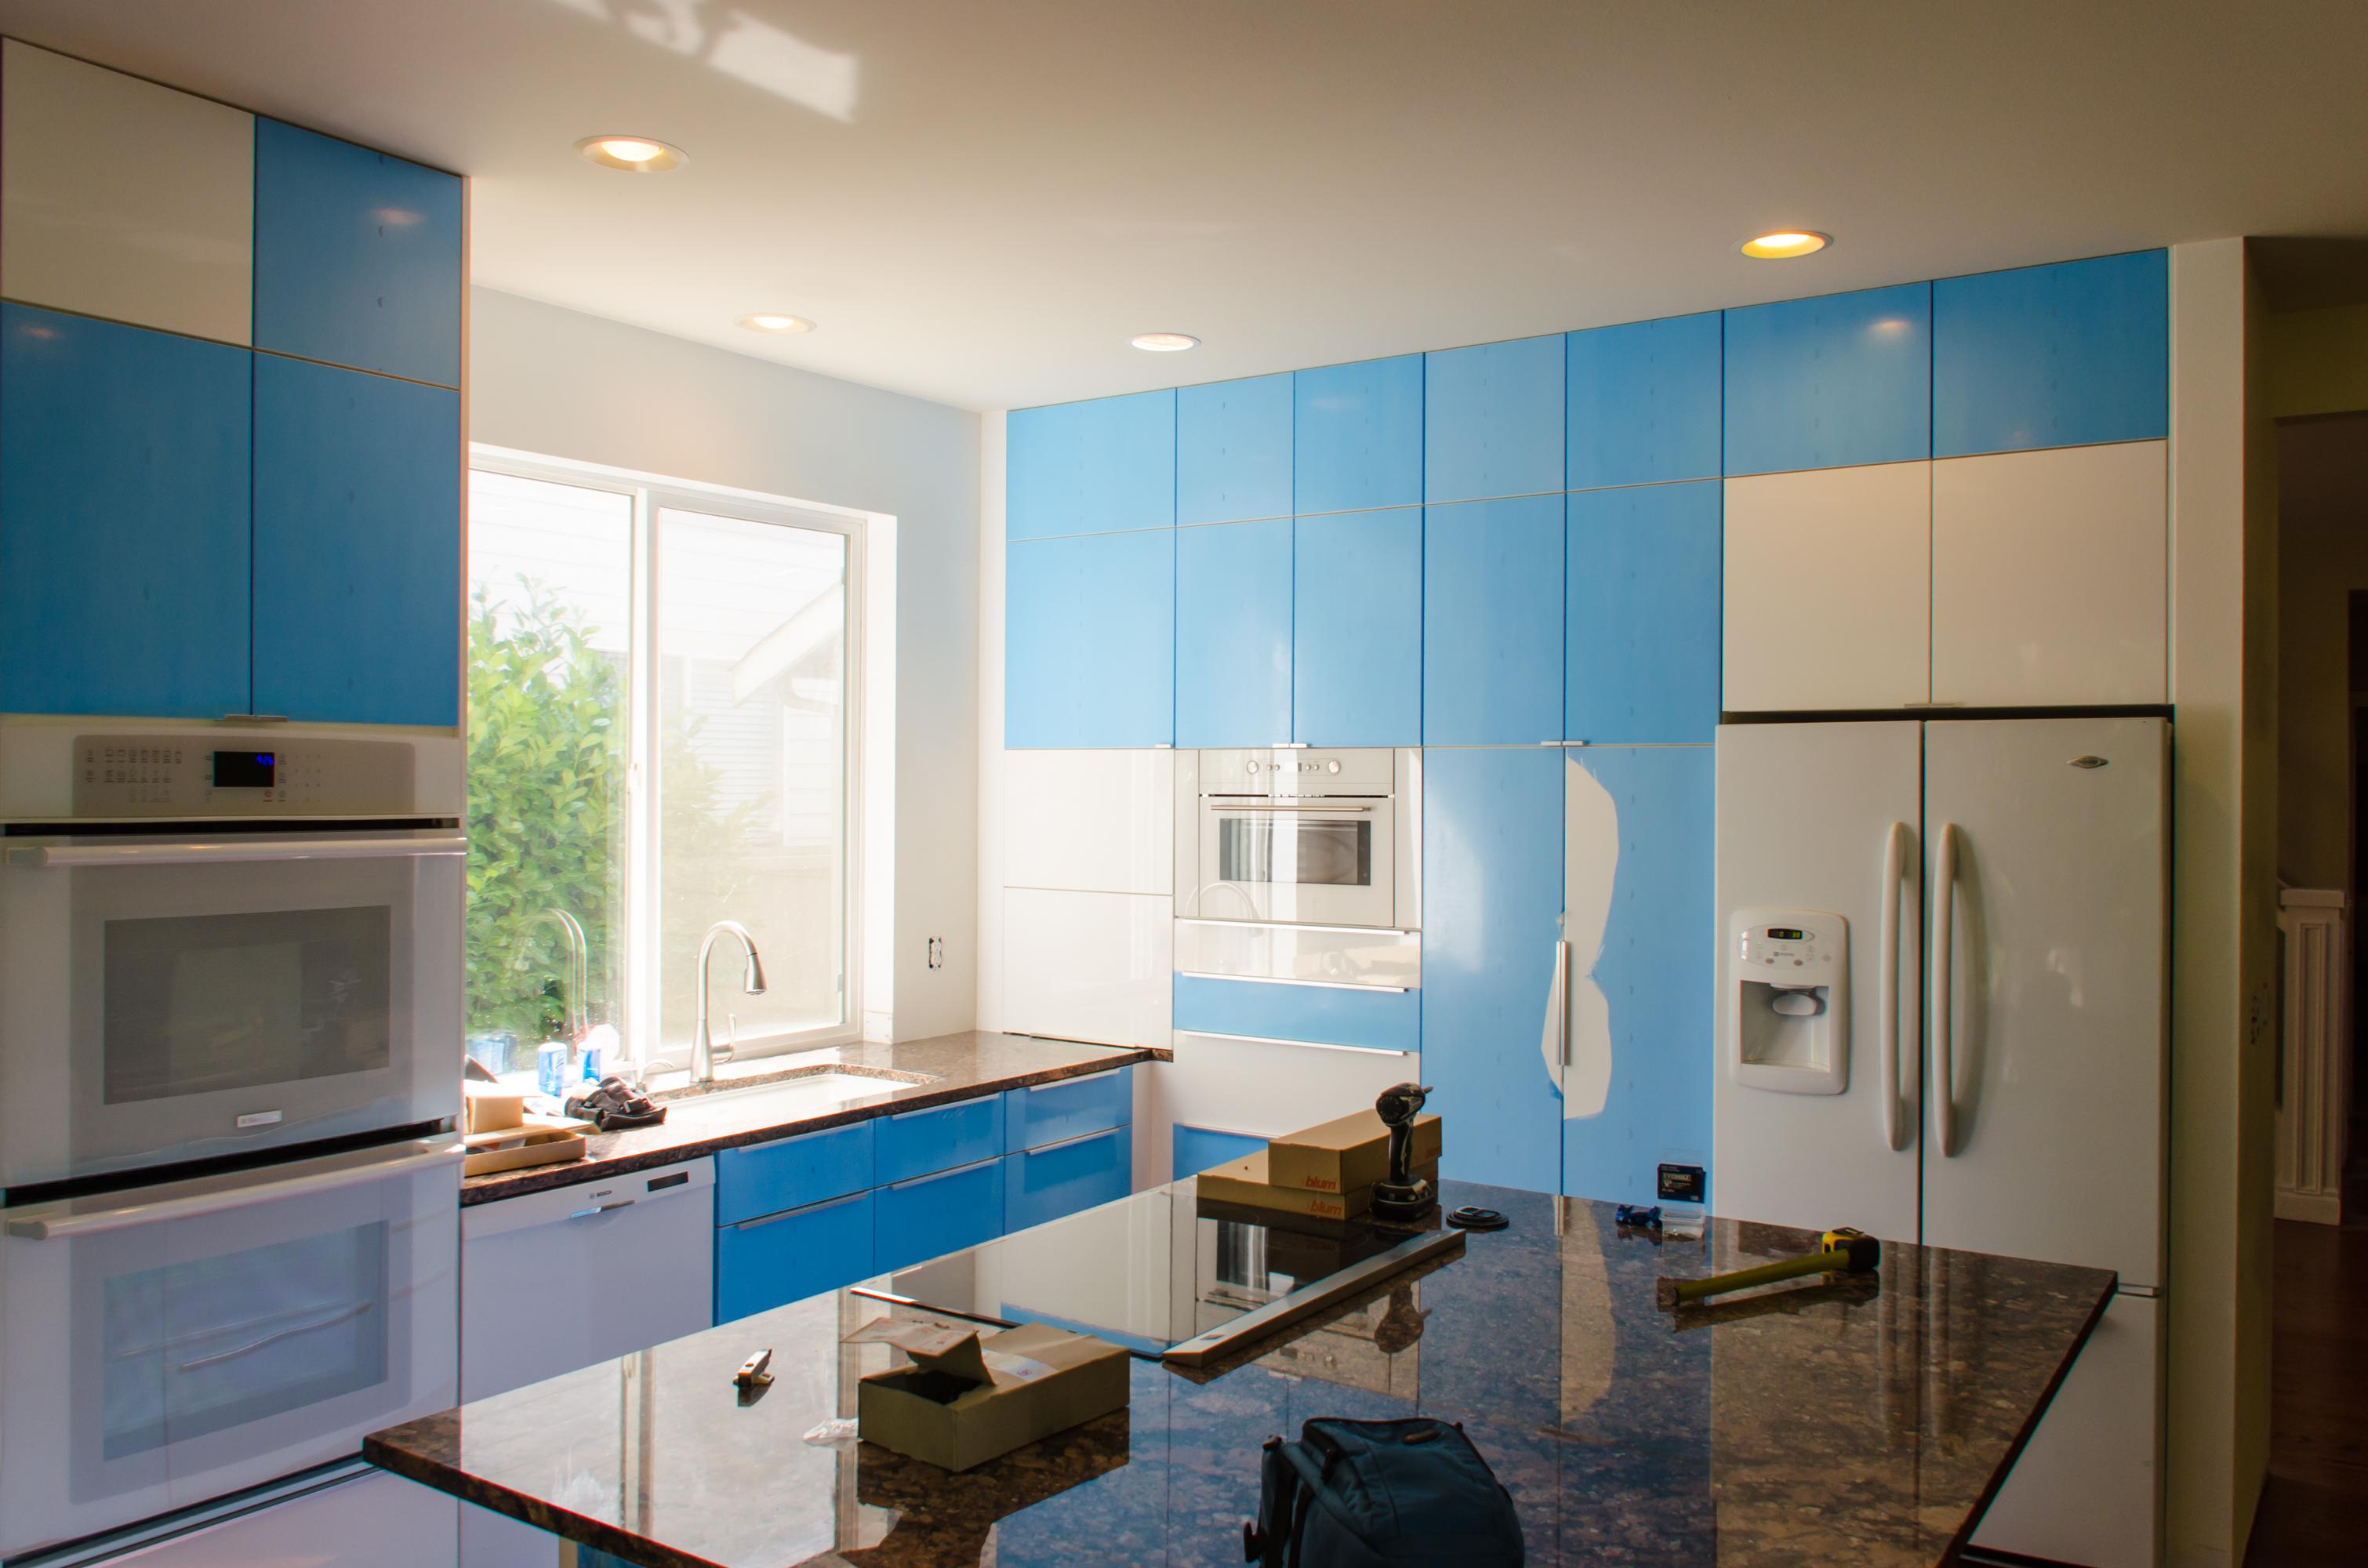 White High Gloss Bathroom Cabinet - Nagpurentrepreneurs